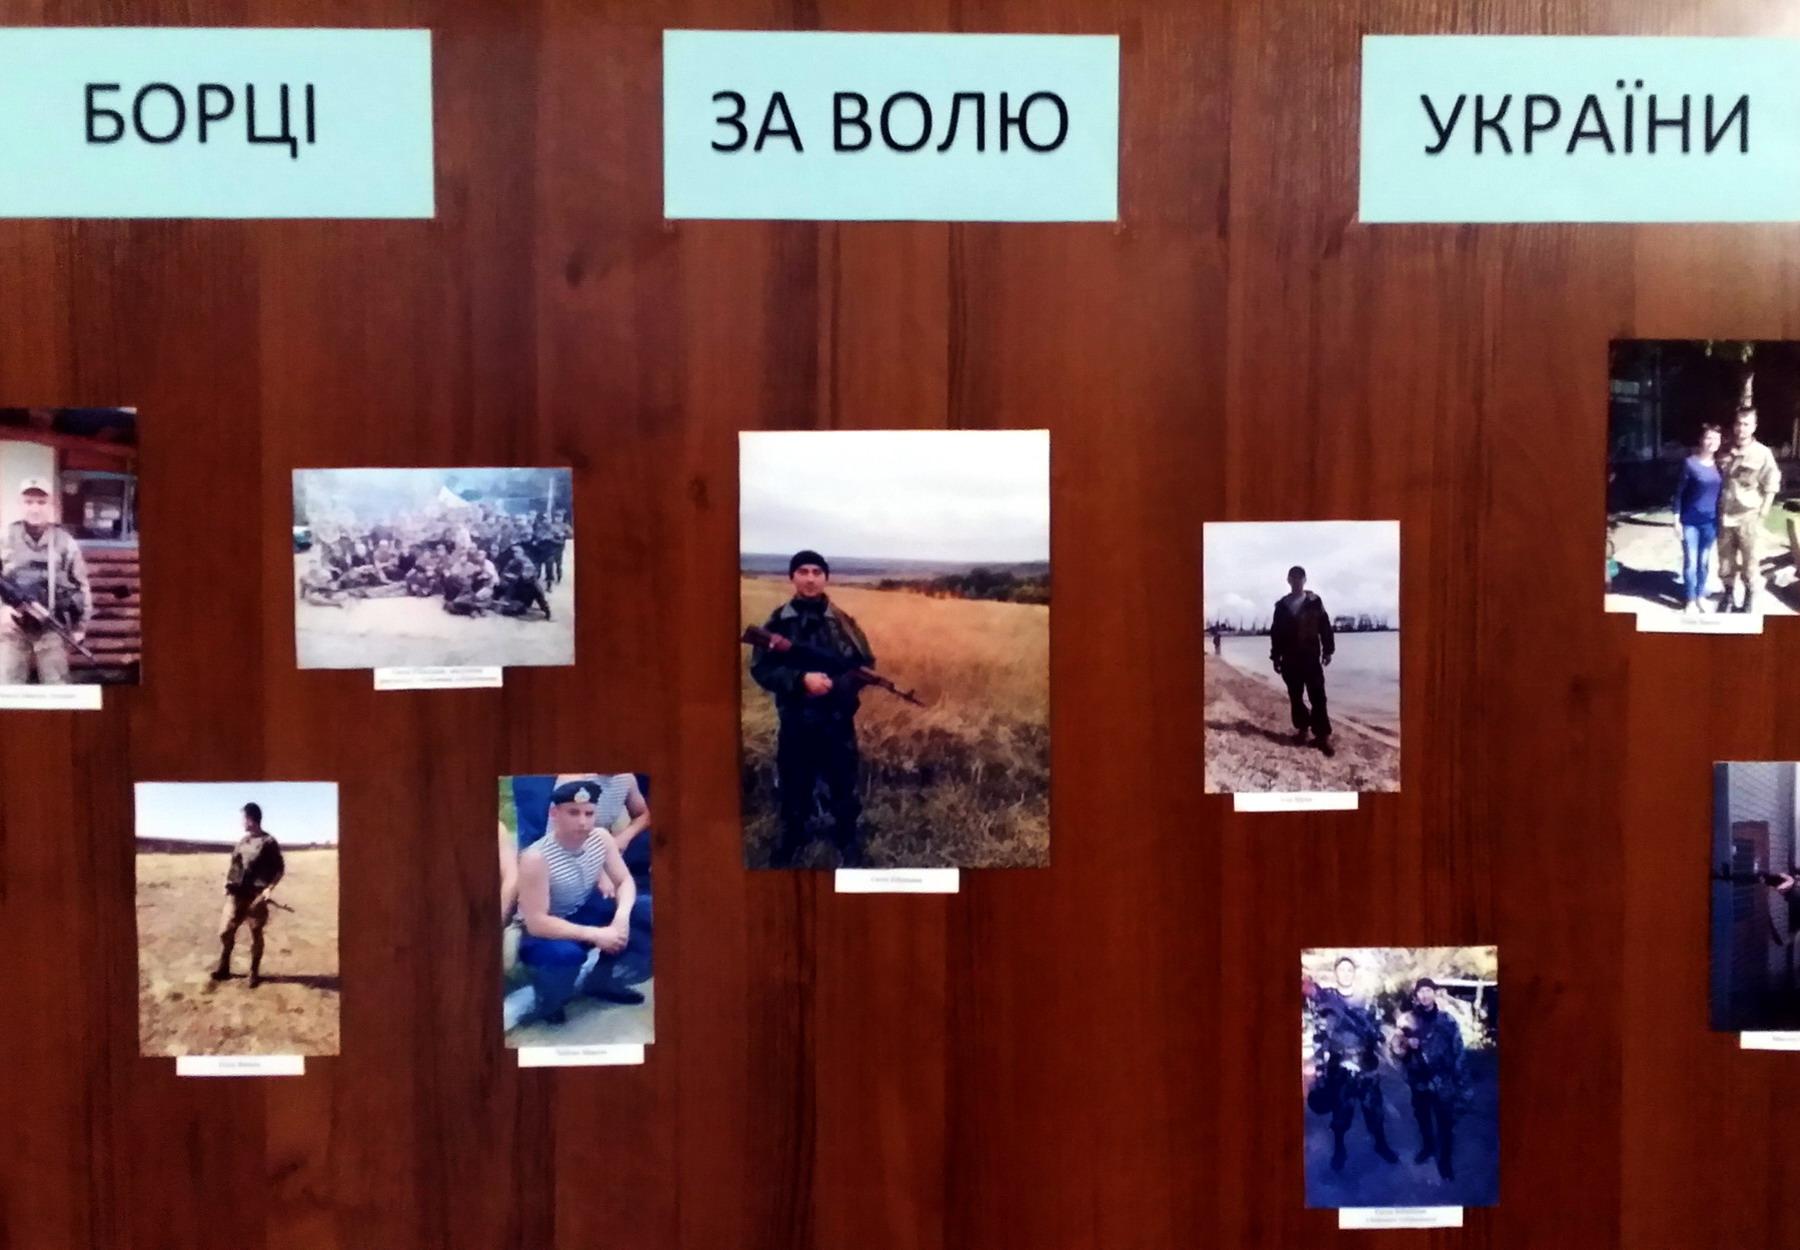 борцям за волю України